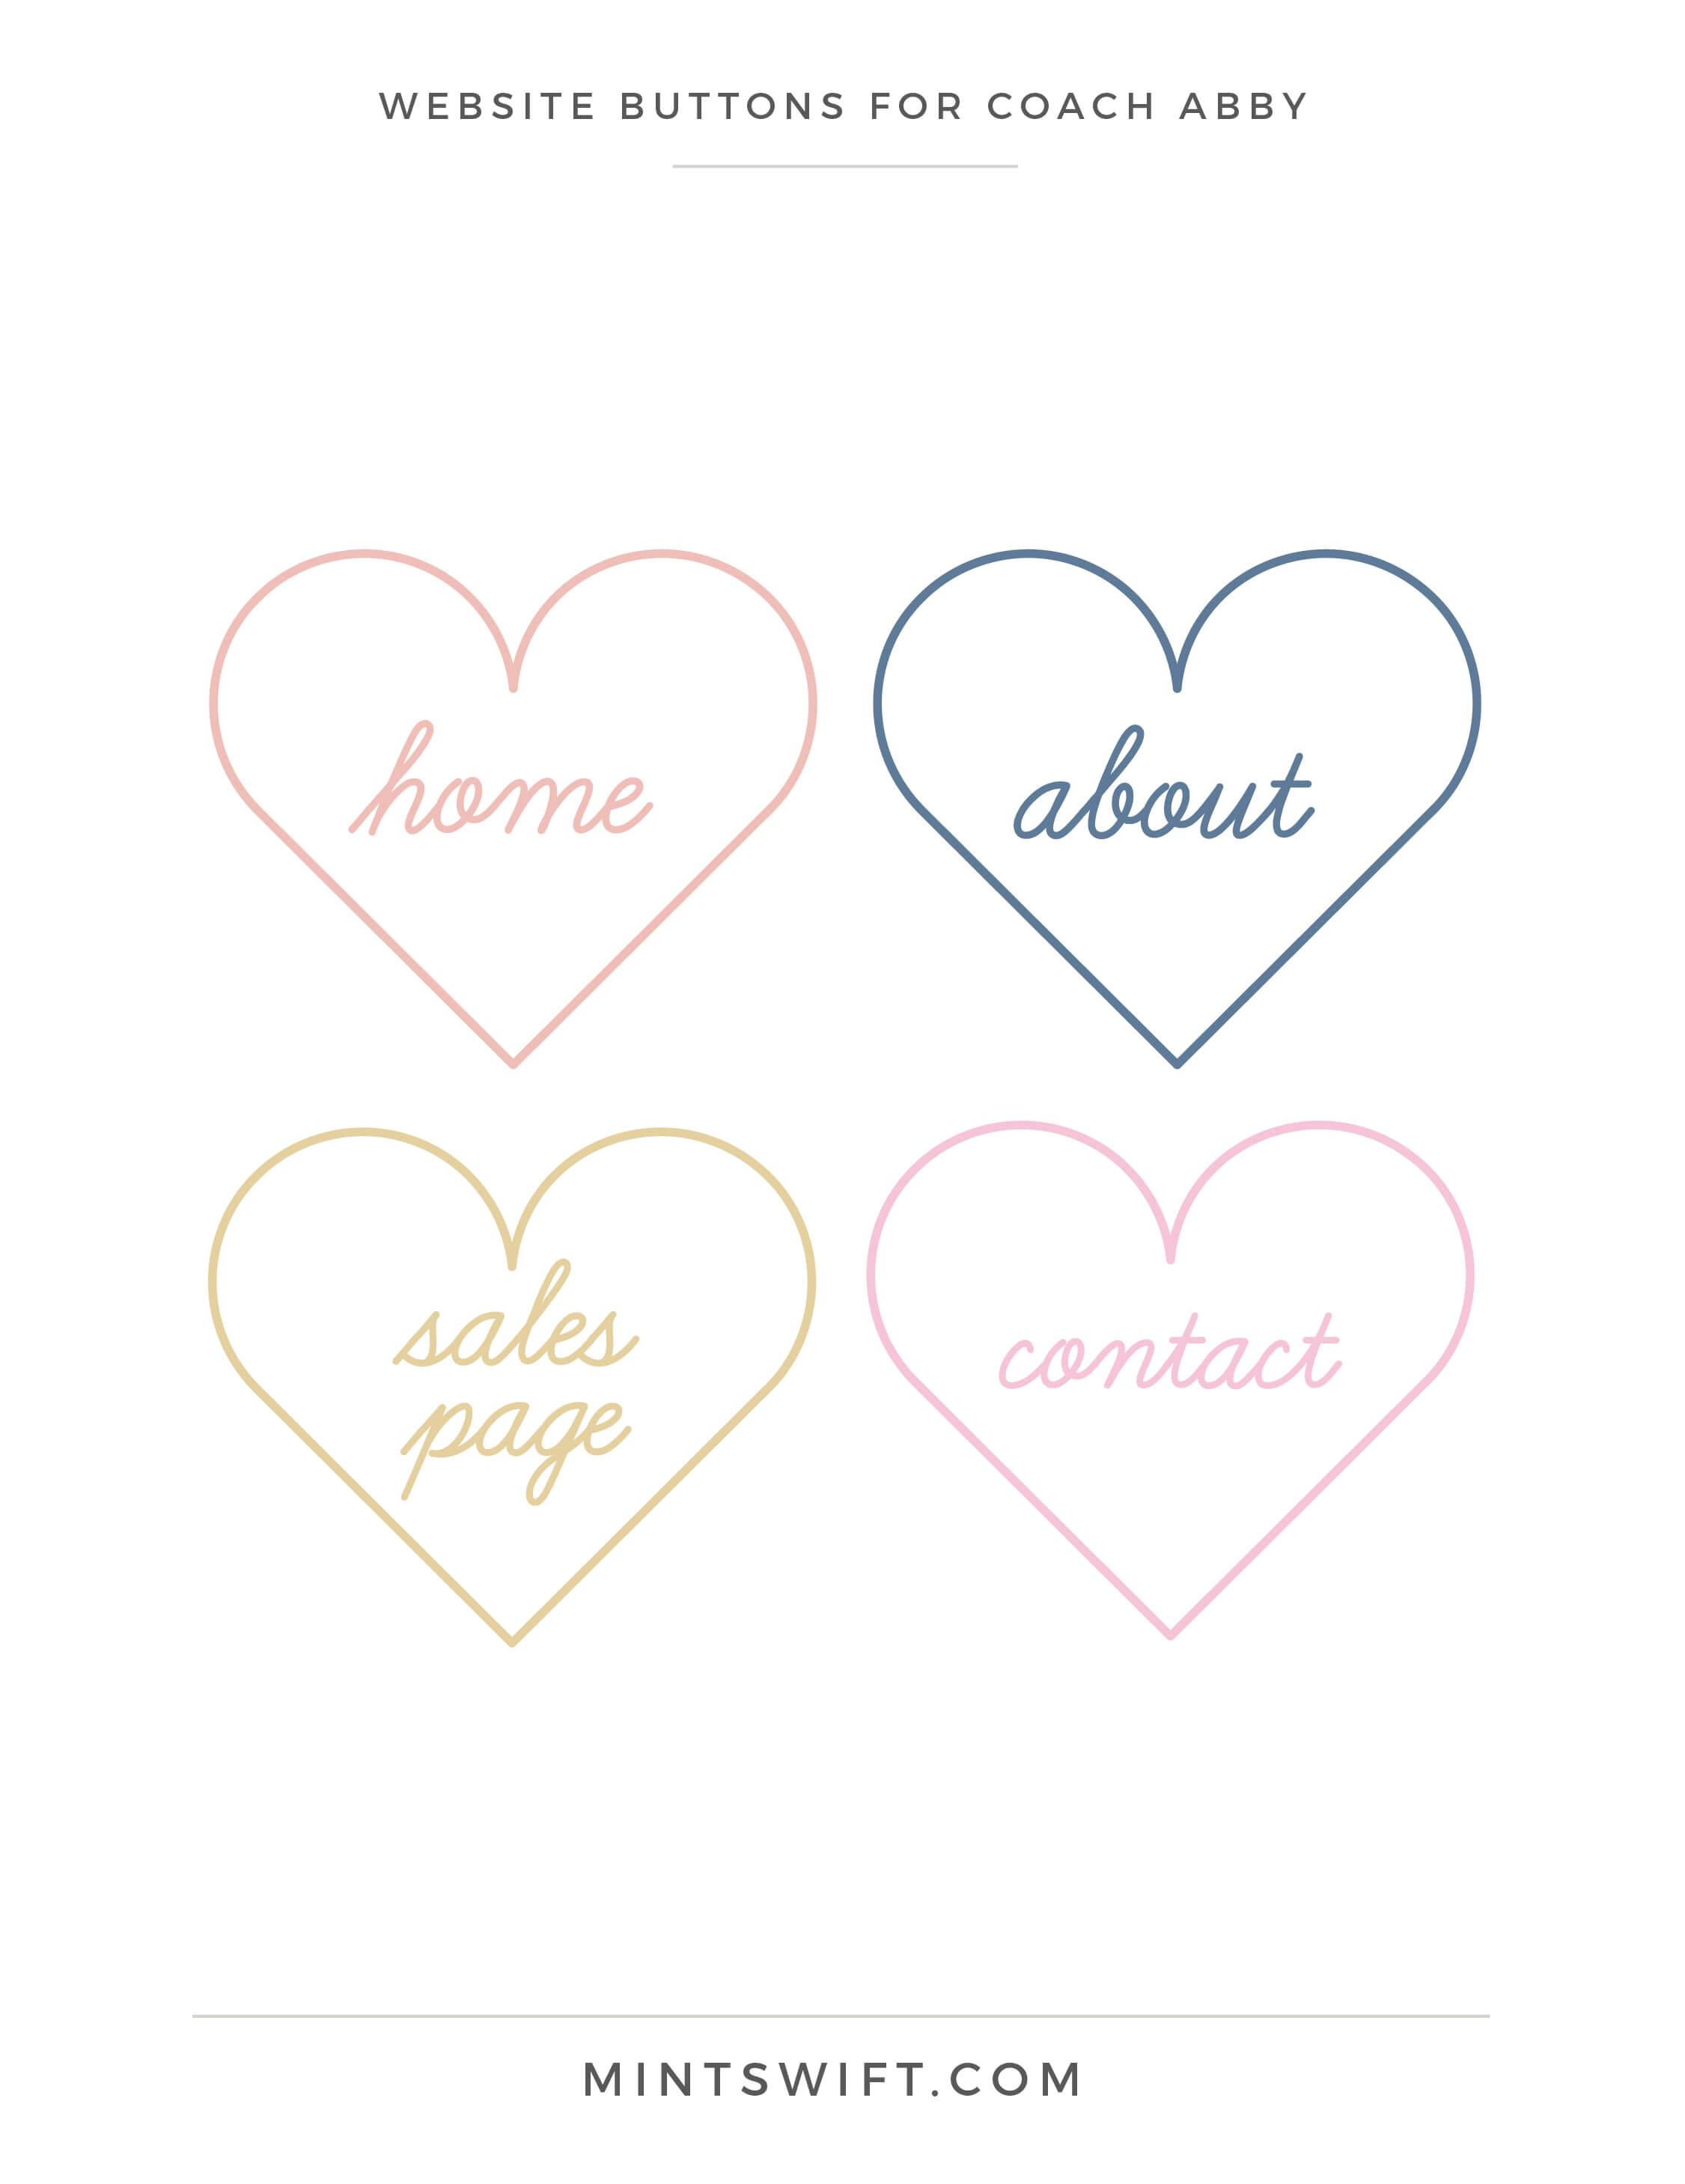 Coach Abby - Website Buttons - Brand Design - MintSwift